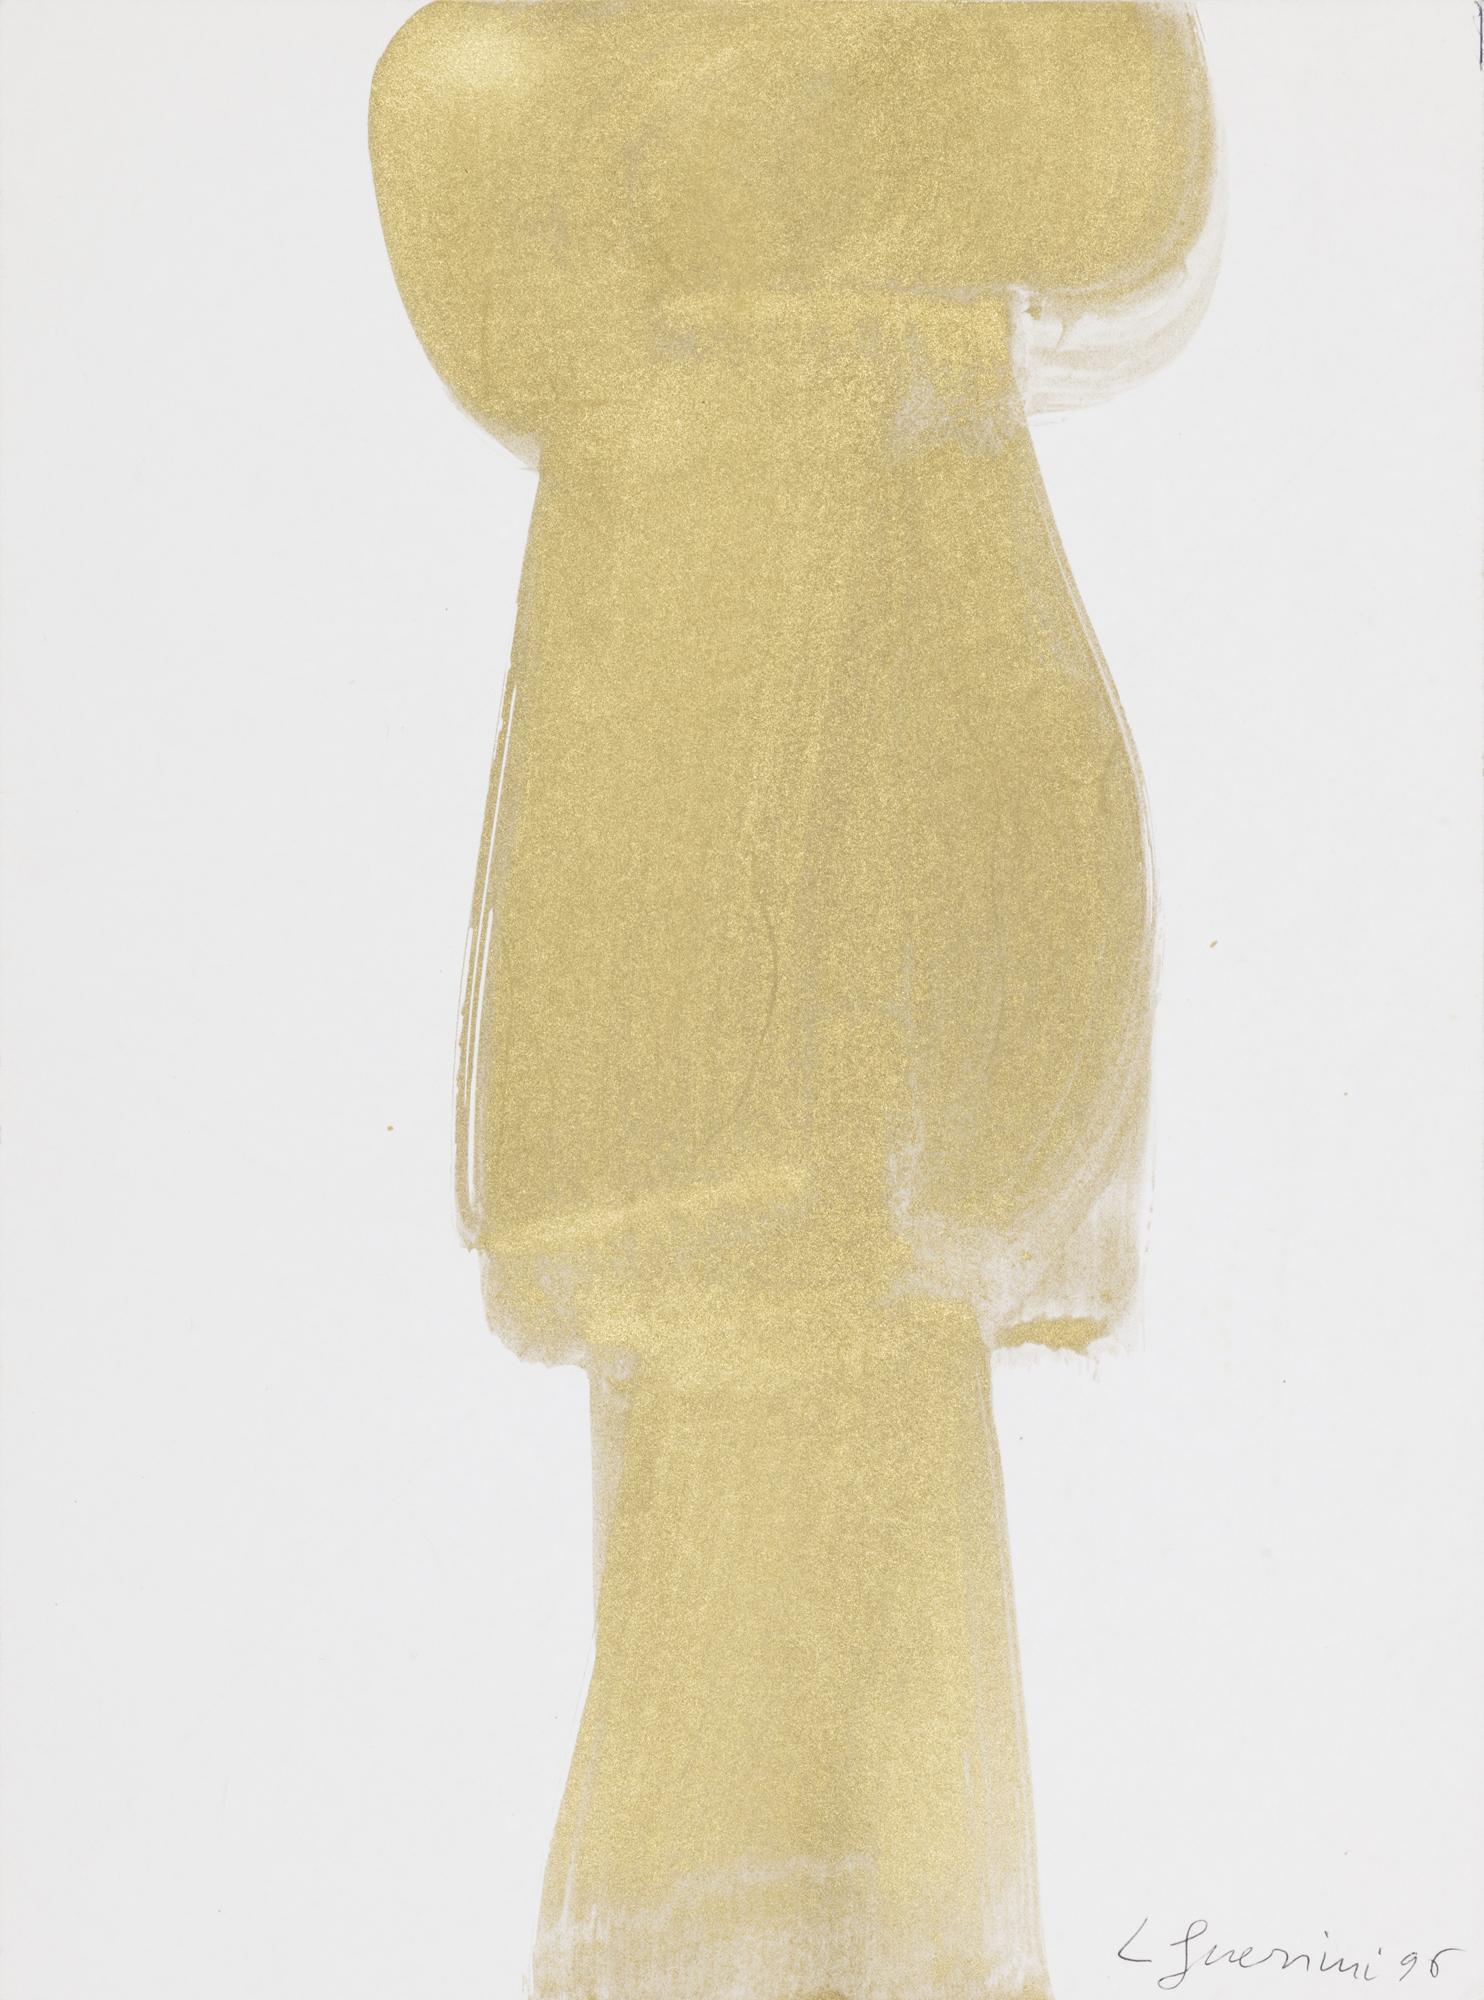 Segno oro, 1996